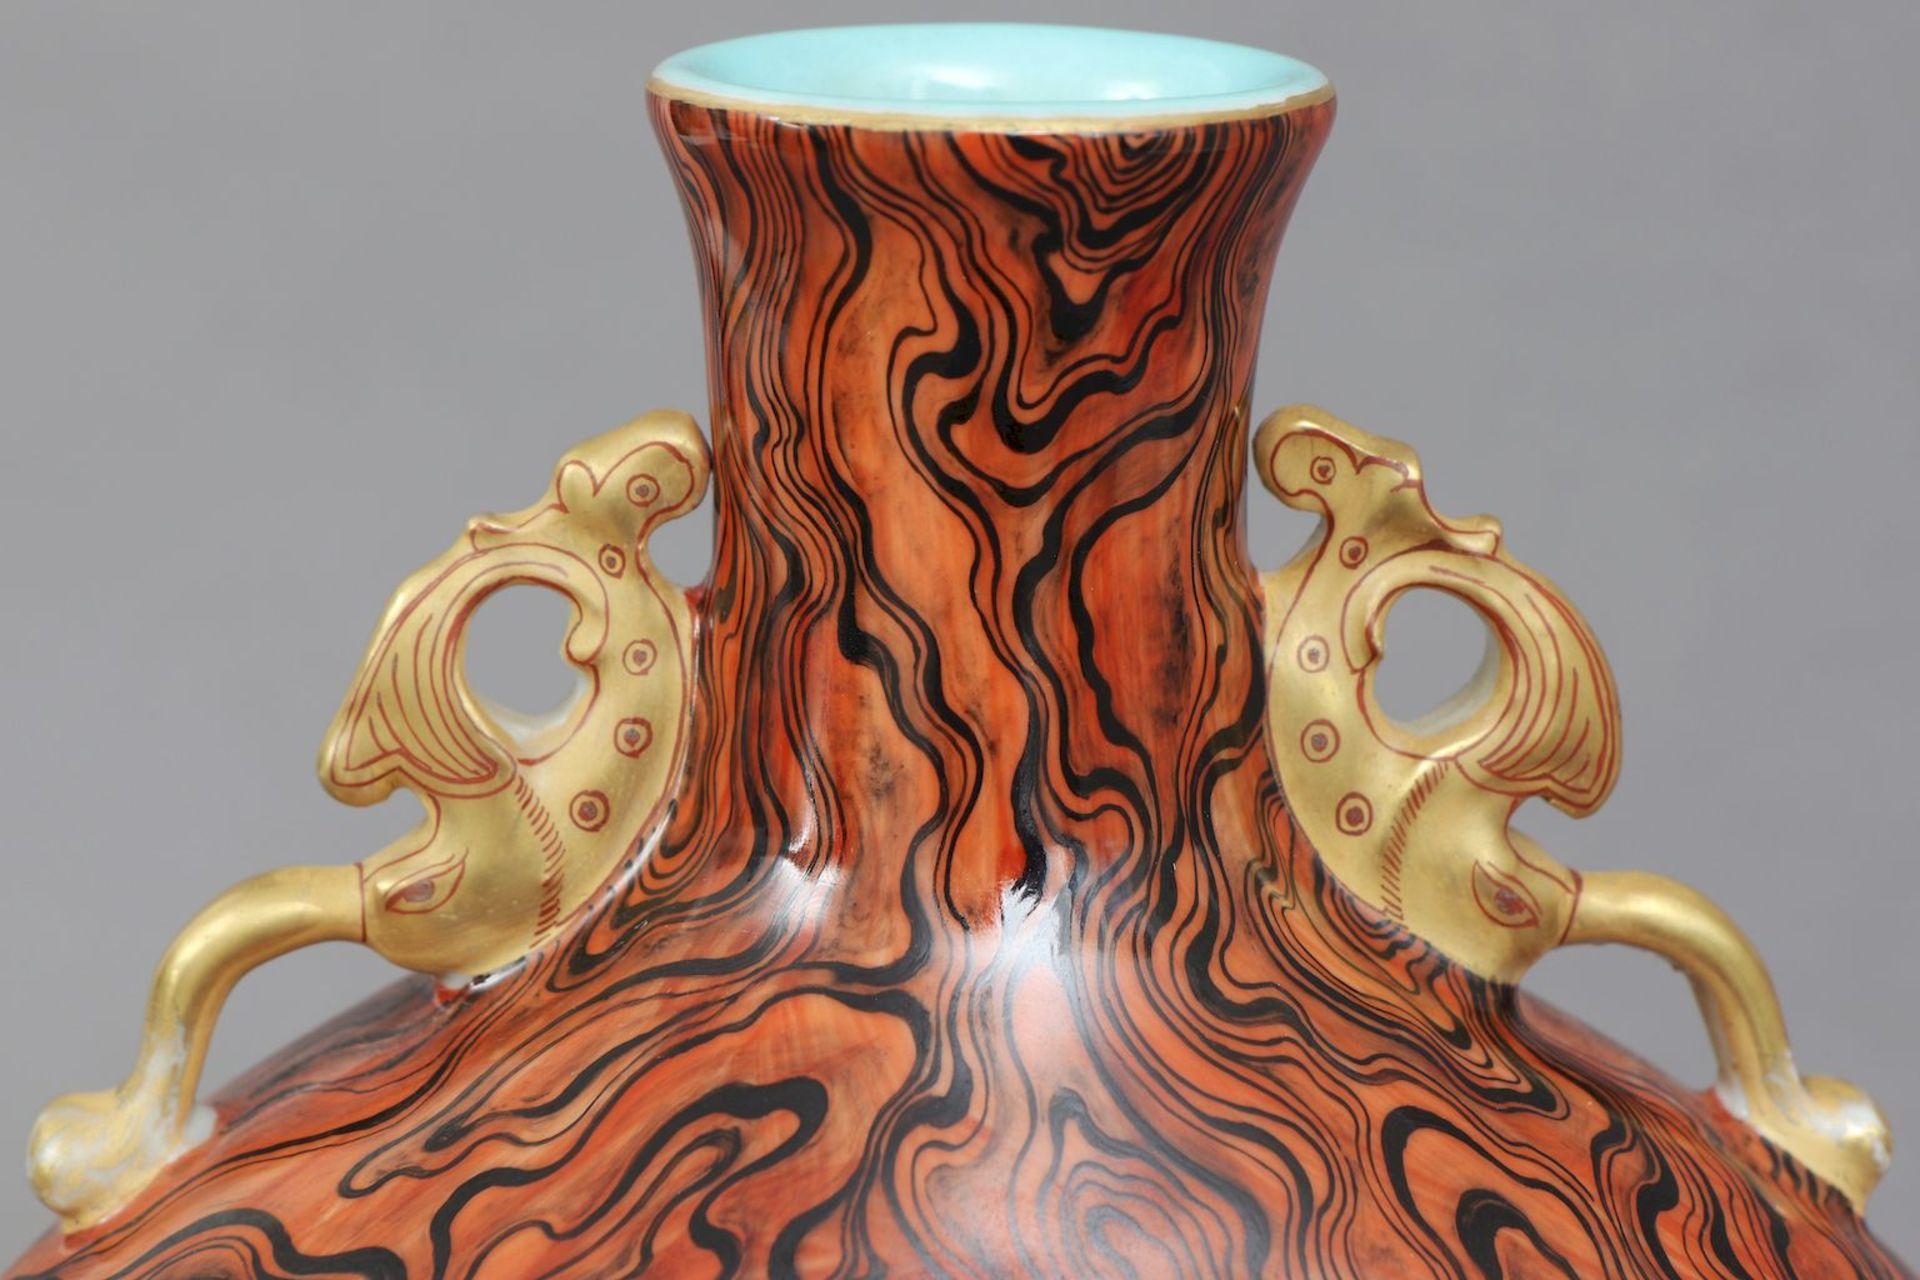 Chinesische Vase in Pilgerflaschen-Form - Image 4 of 5